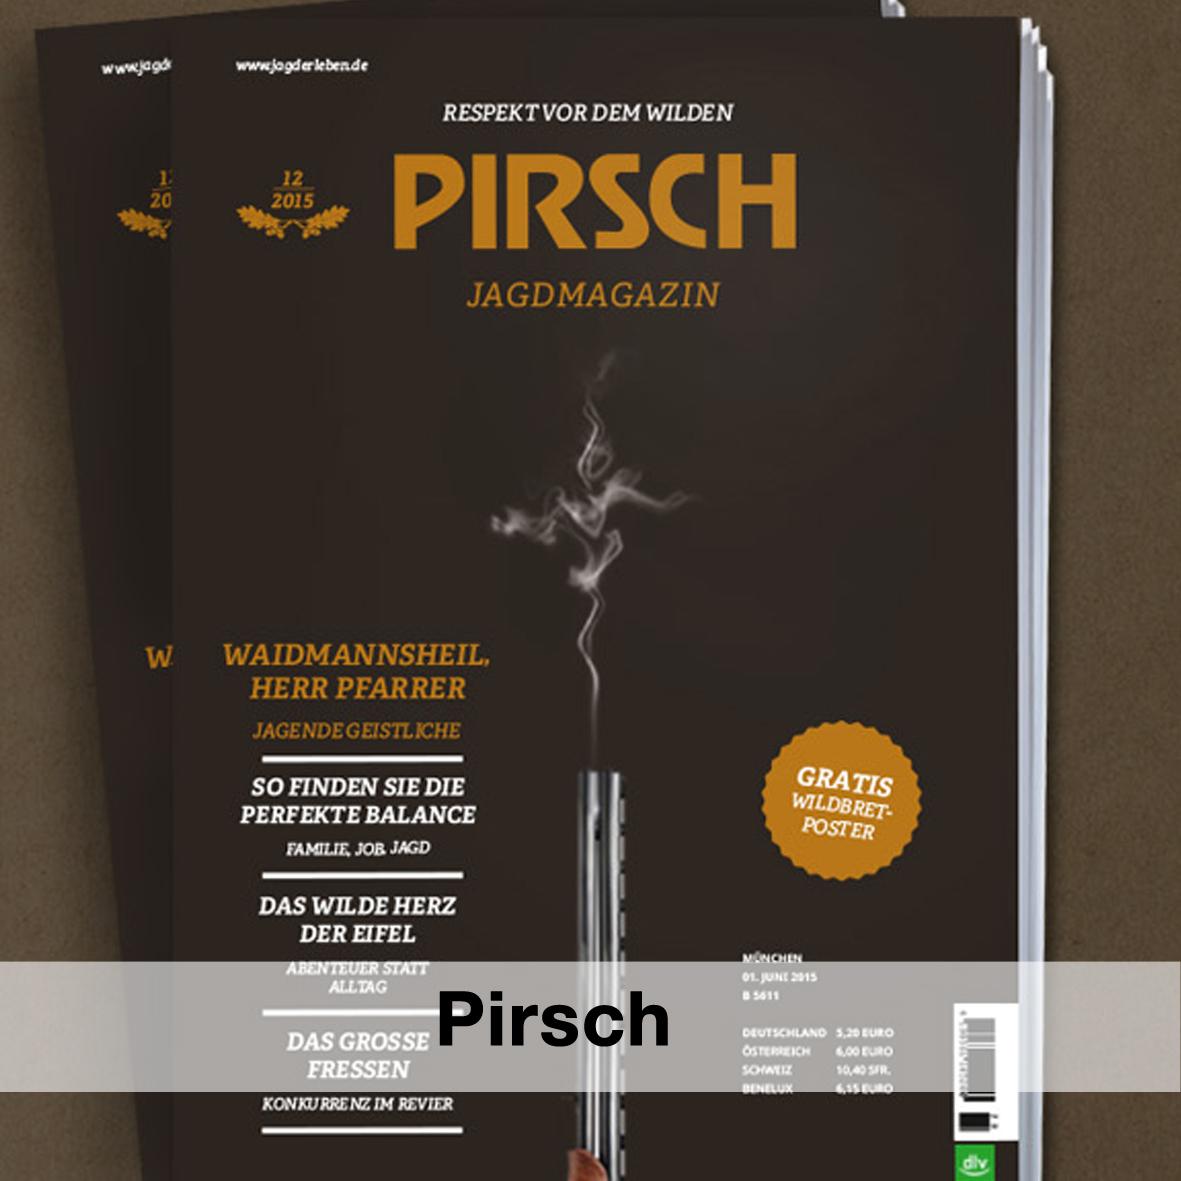 pirsch.jpg